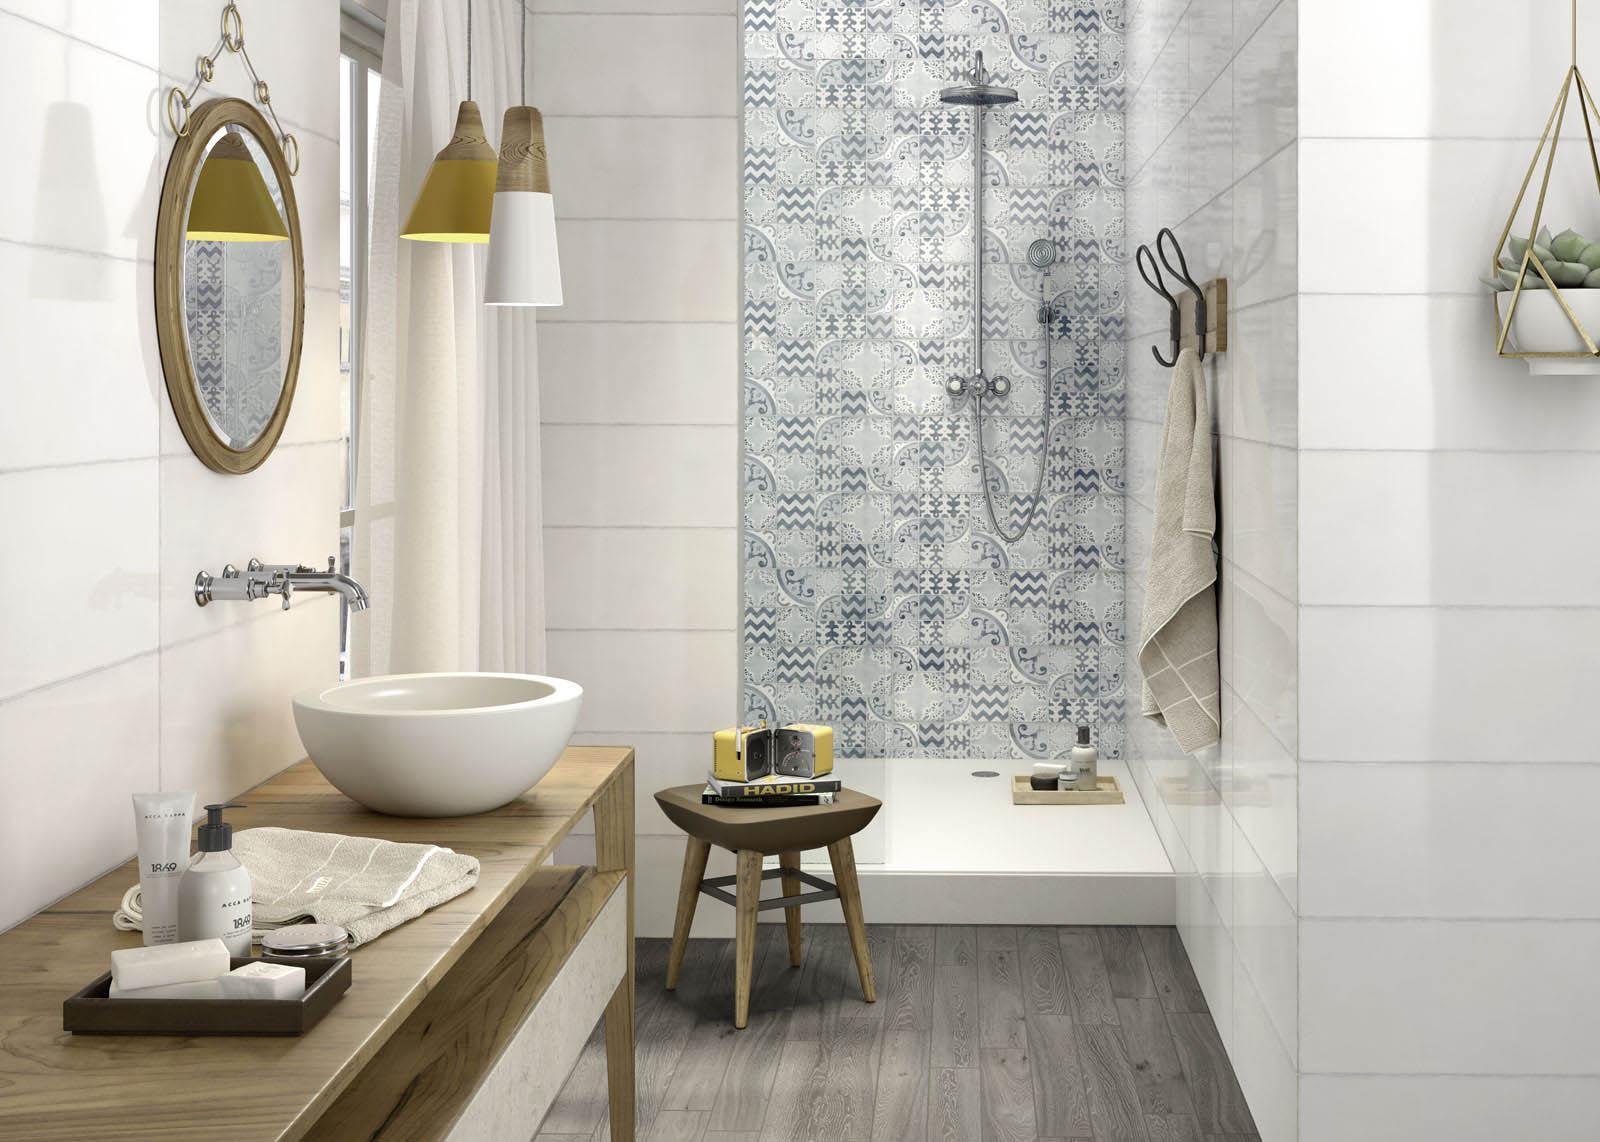 Qu azulejos elegir para el ba o molina caballero - Azulejos para ducha ...